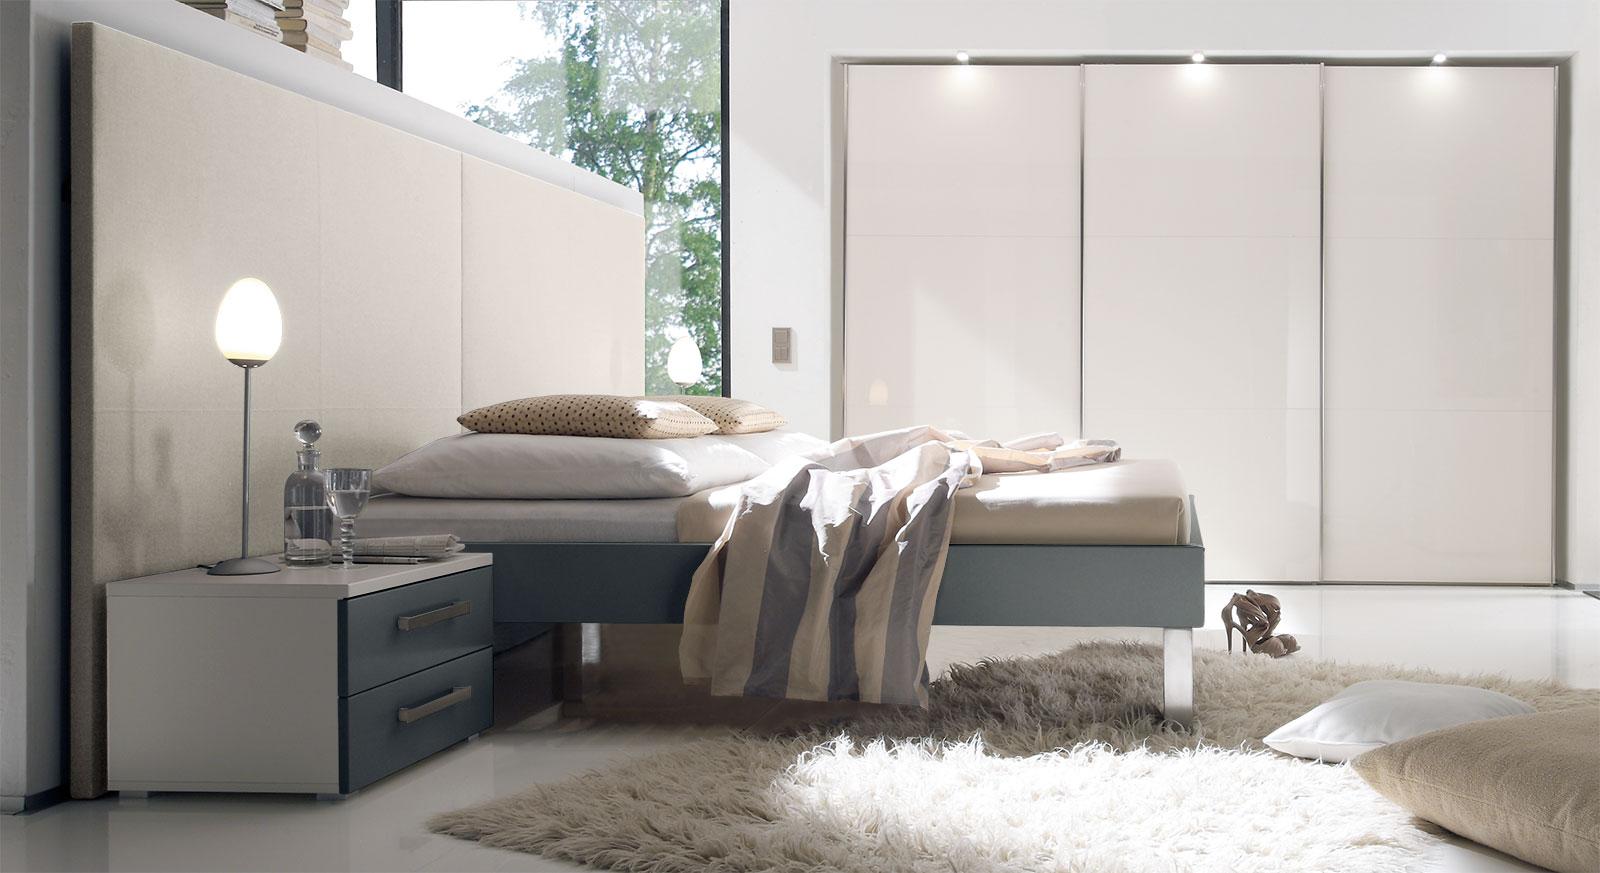 Bett Brescia in schiefergrauem MDF-Dekor mit beigem Wandpaneel aus Leinen, Fußhoehe 25cm